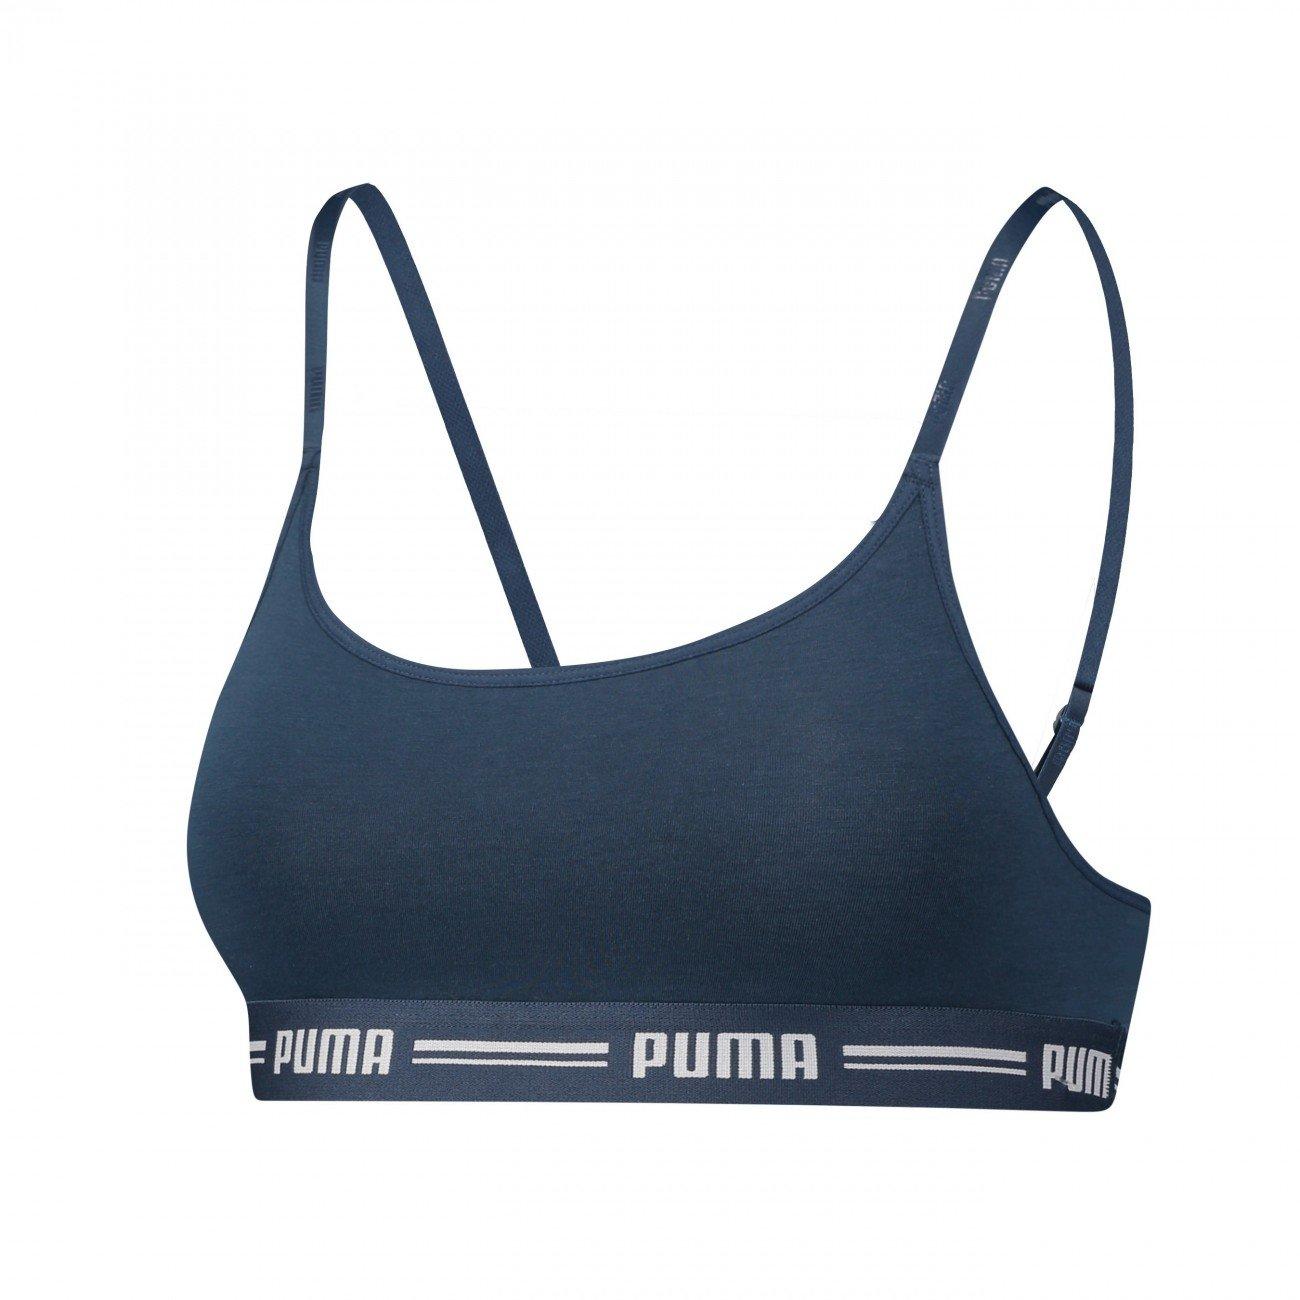 Puma Iconic Casual Bralette Bra 1p E-com Ropa Interior, Mujer